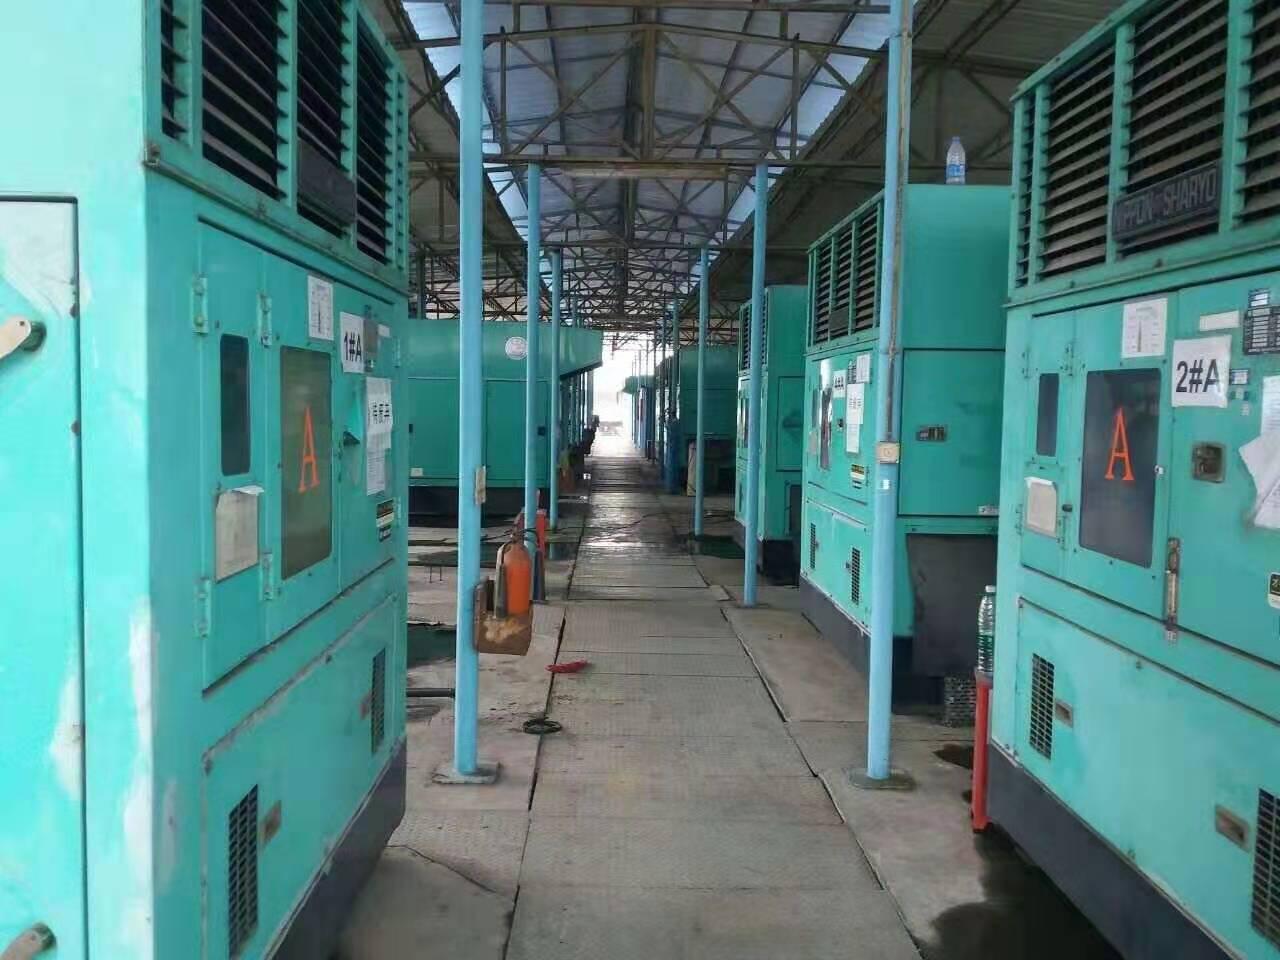 静音发电机厂房